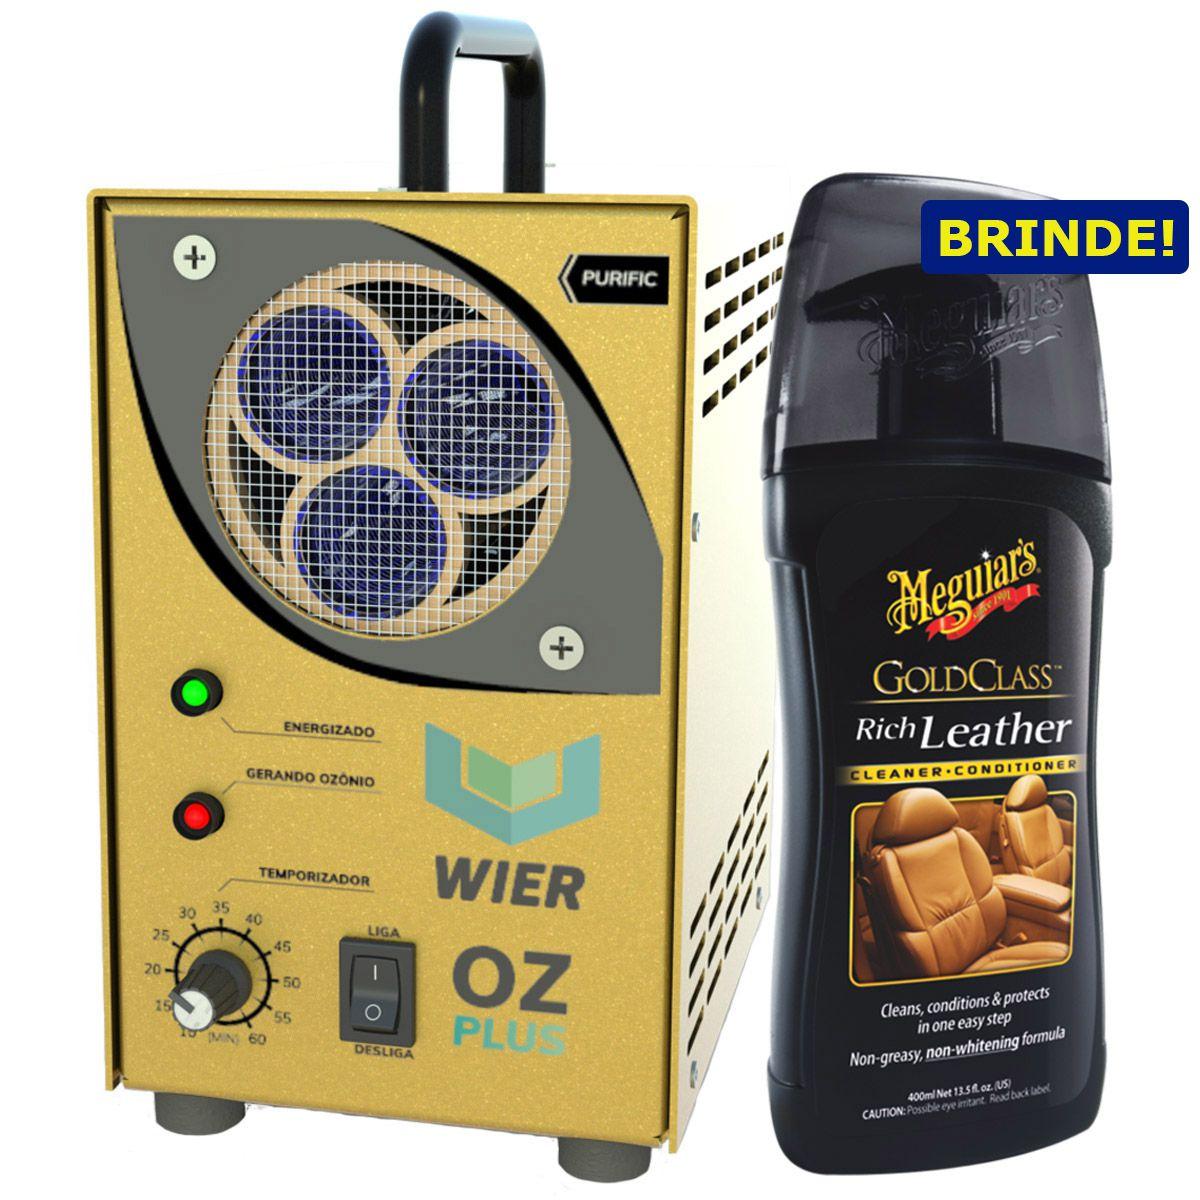 Gerador de Ozônio Purific OZ Plus Gold Wier + Hidratante de Couro Gold Class Rich Leather 400ml Meguiars